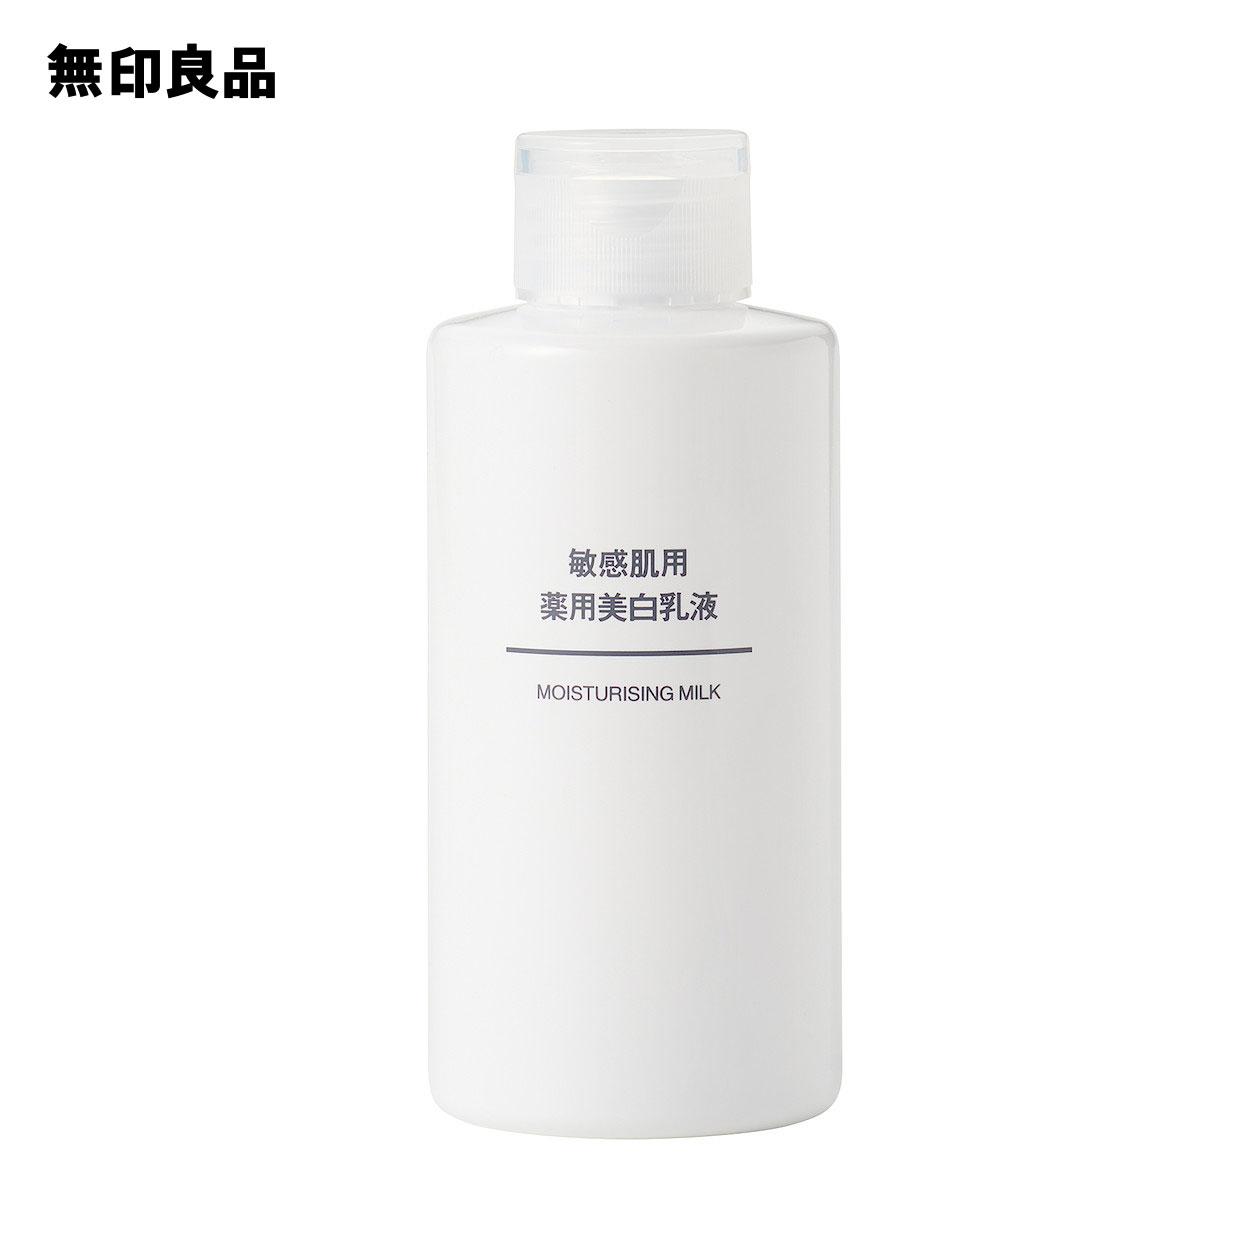 無印良品 公式 保証 敏感肌用薬用美白乳液150mL 祝日